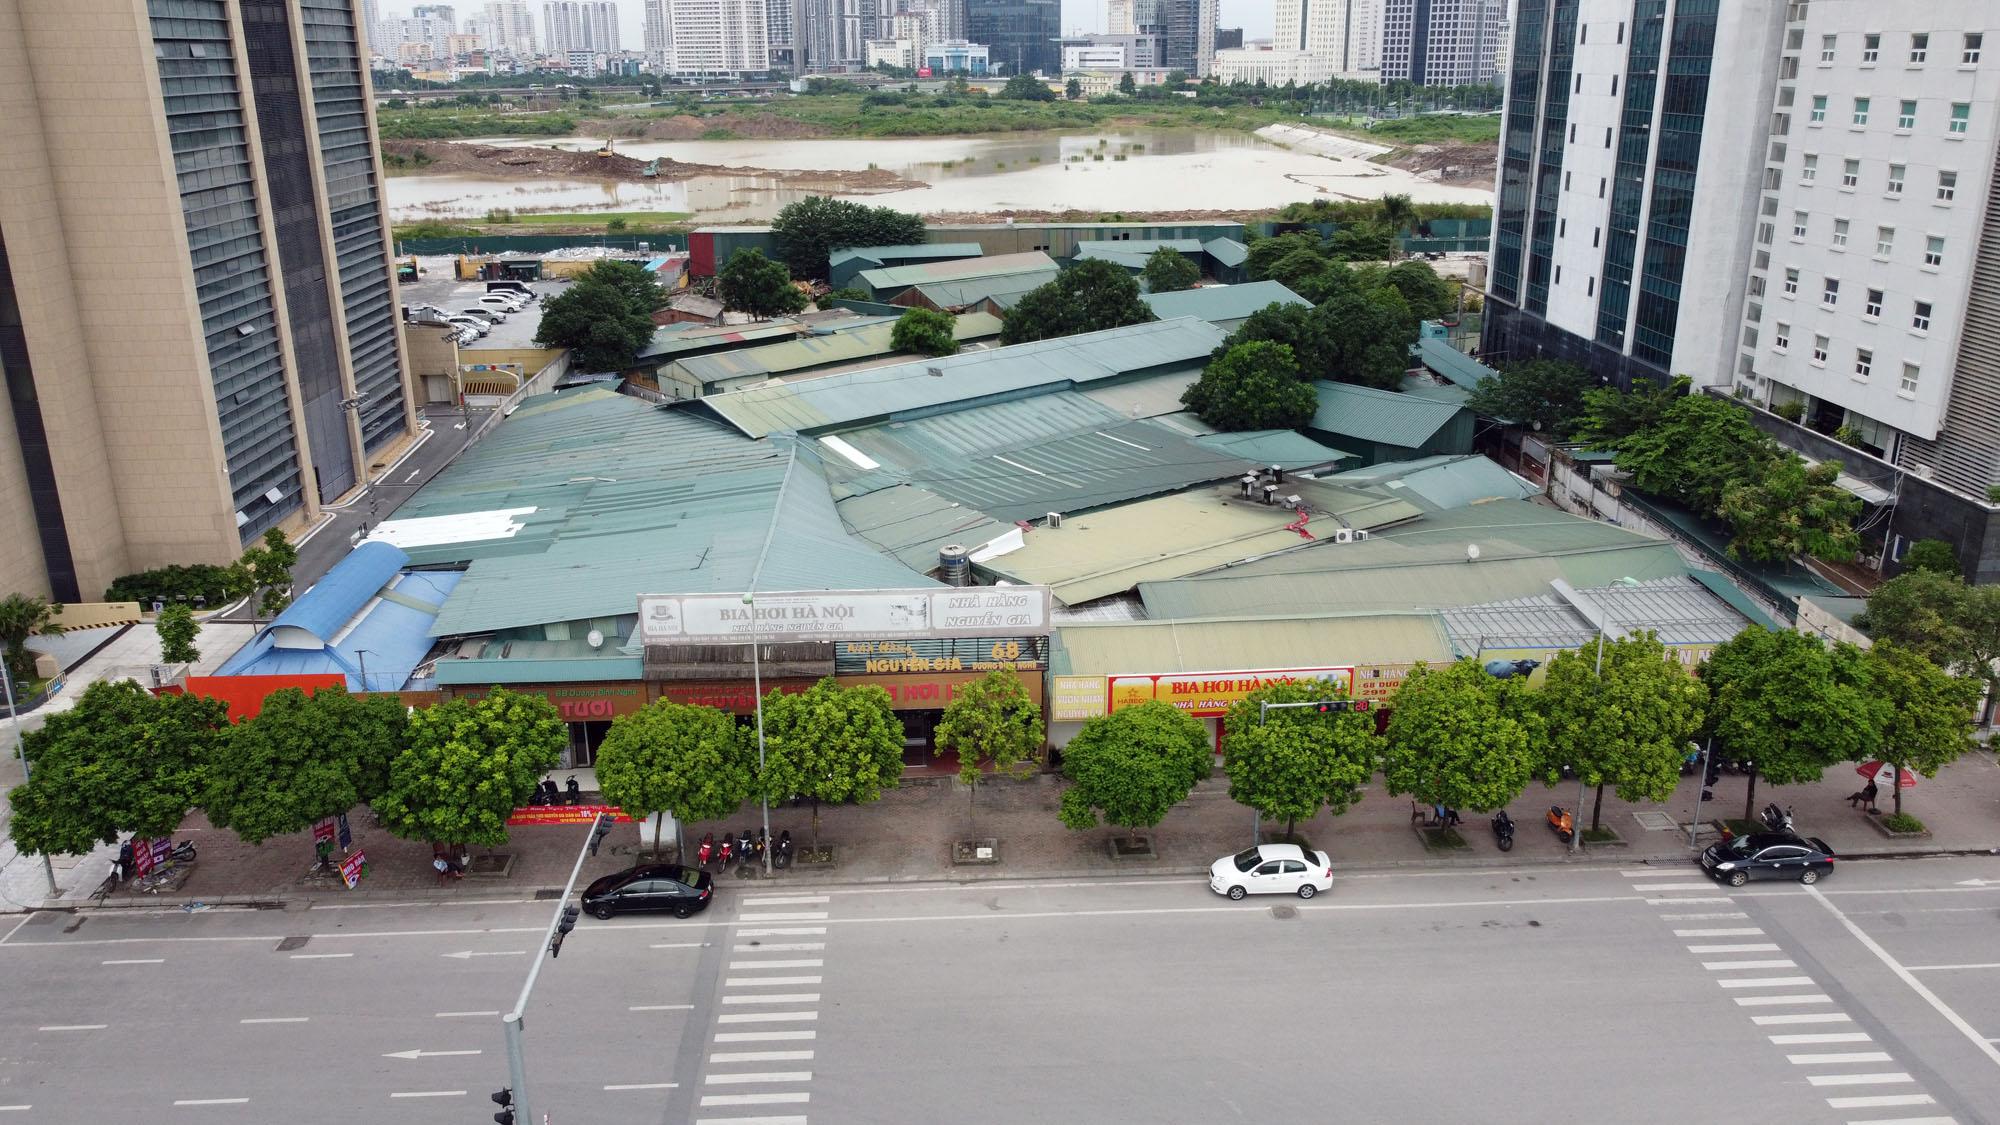 Những mảnh đất chưa sử dụng theo qui hoạch ở vùng qui hoạch đẹp Keangnam - Ảnh 14.